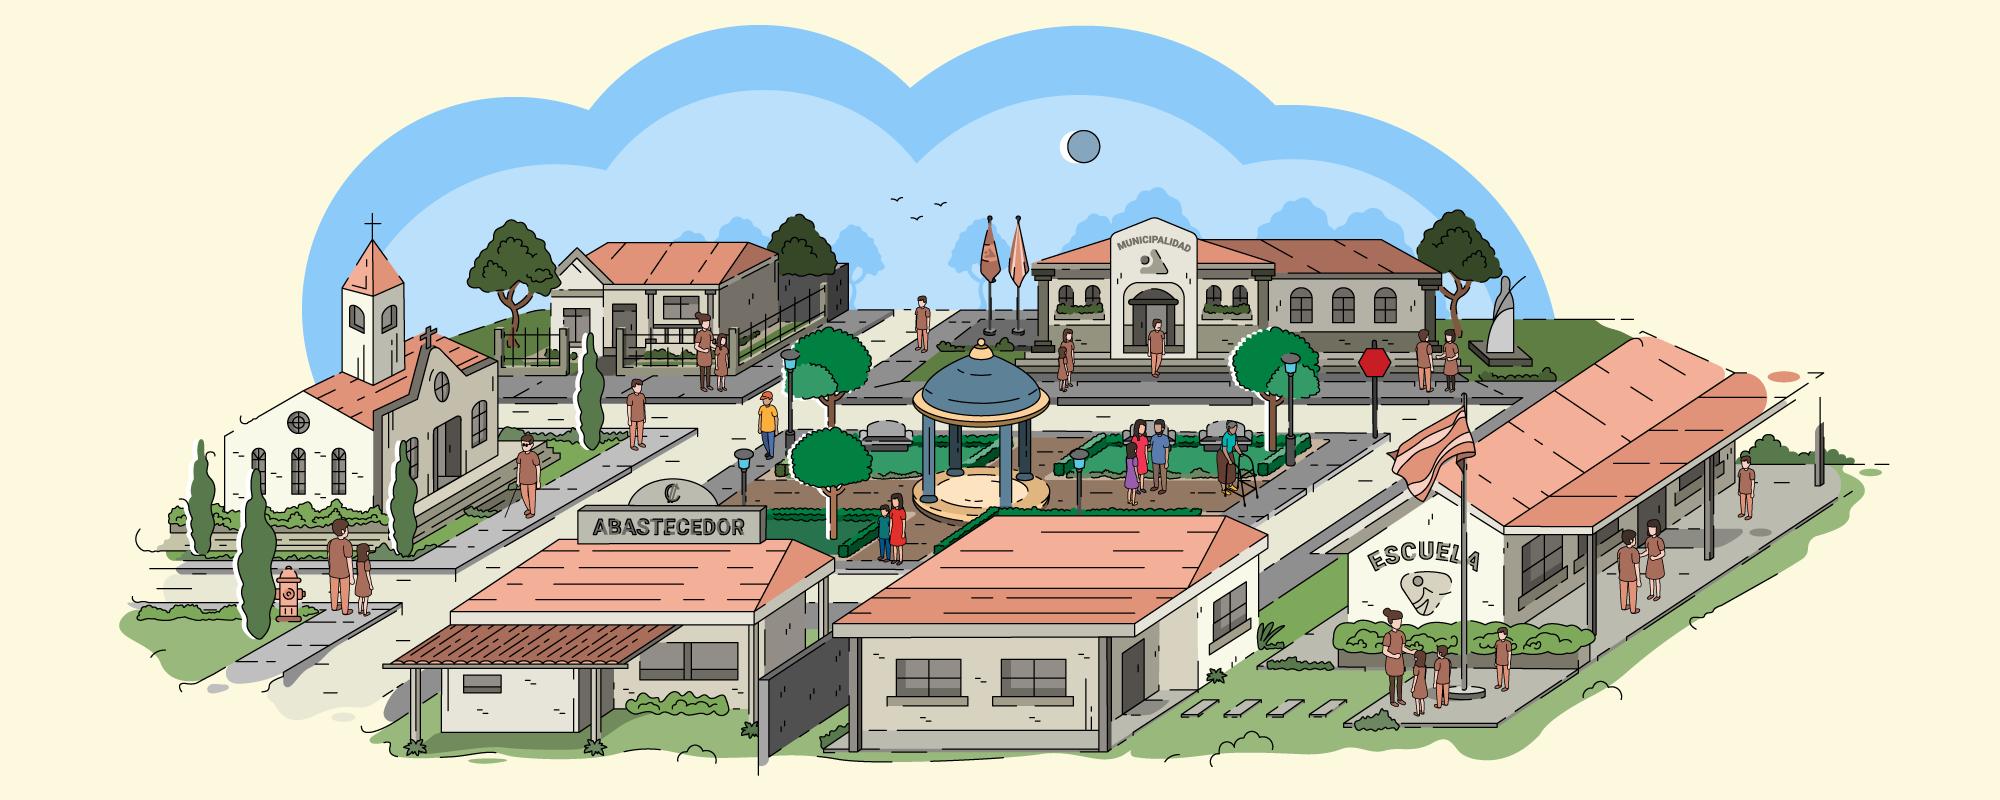 Dibujo a color que ilustra la vista aérea común de un pueblo en Costa Rica. Se muestra el edificio de la municipalidad, un parque, una escuela, una pulpería y una iglesia. Se ven algunas personas en varios lugares del pueblo.